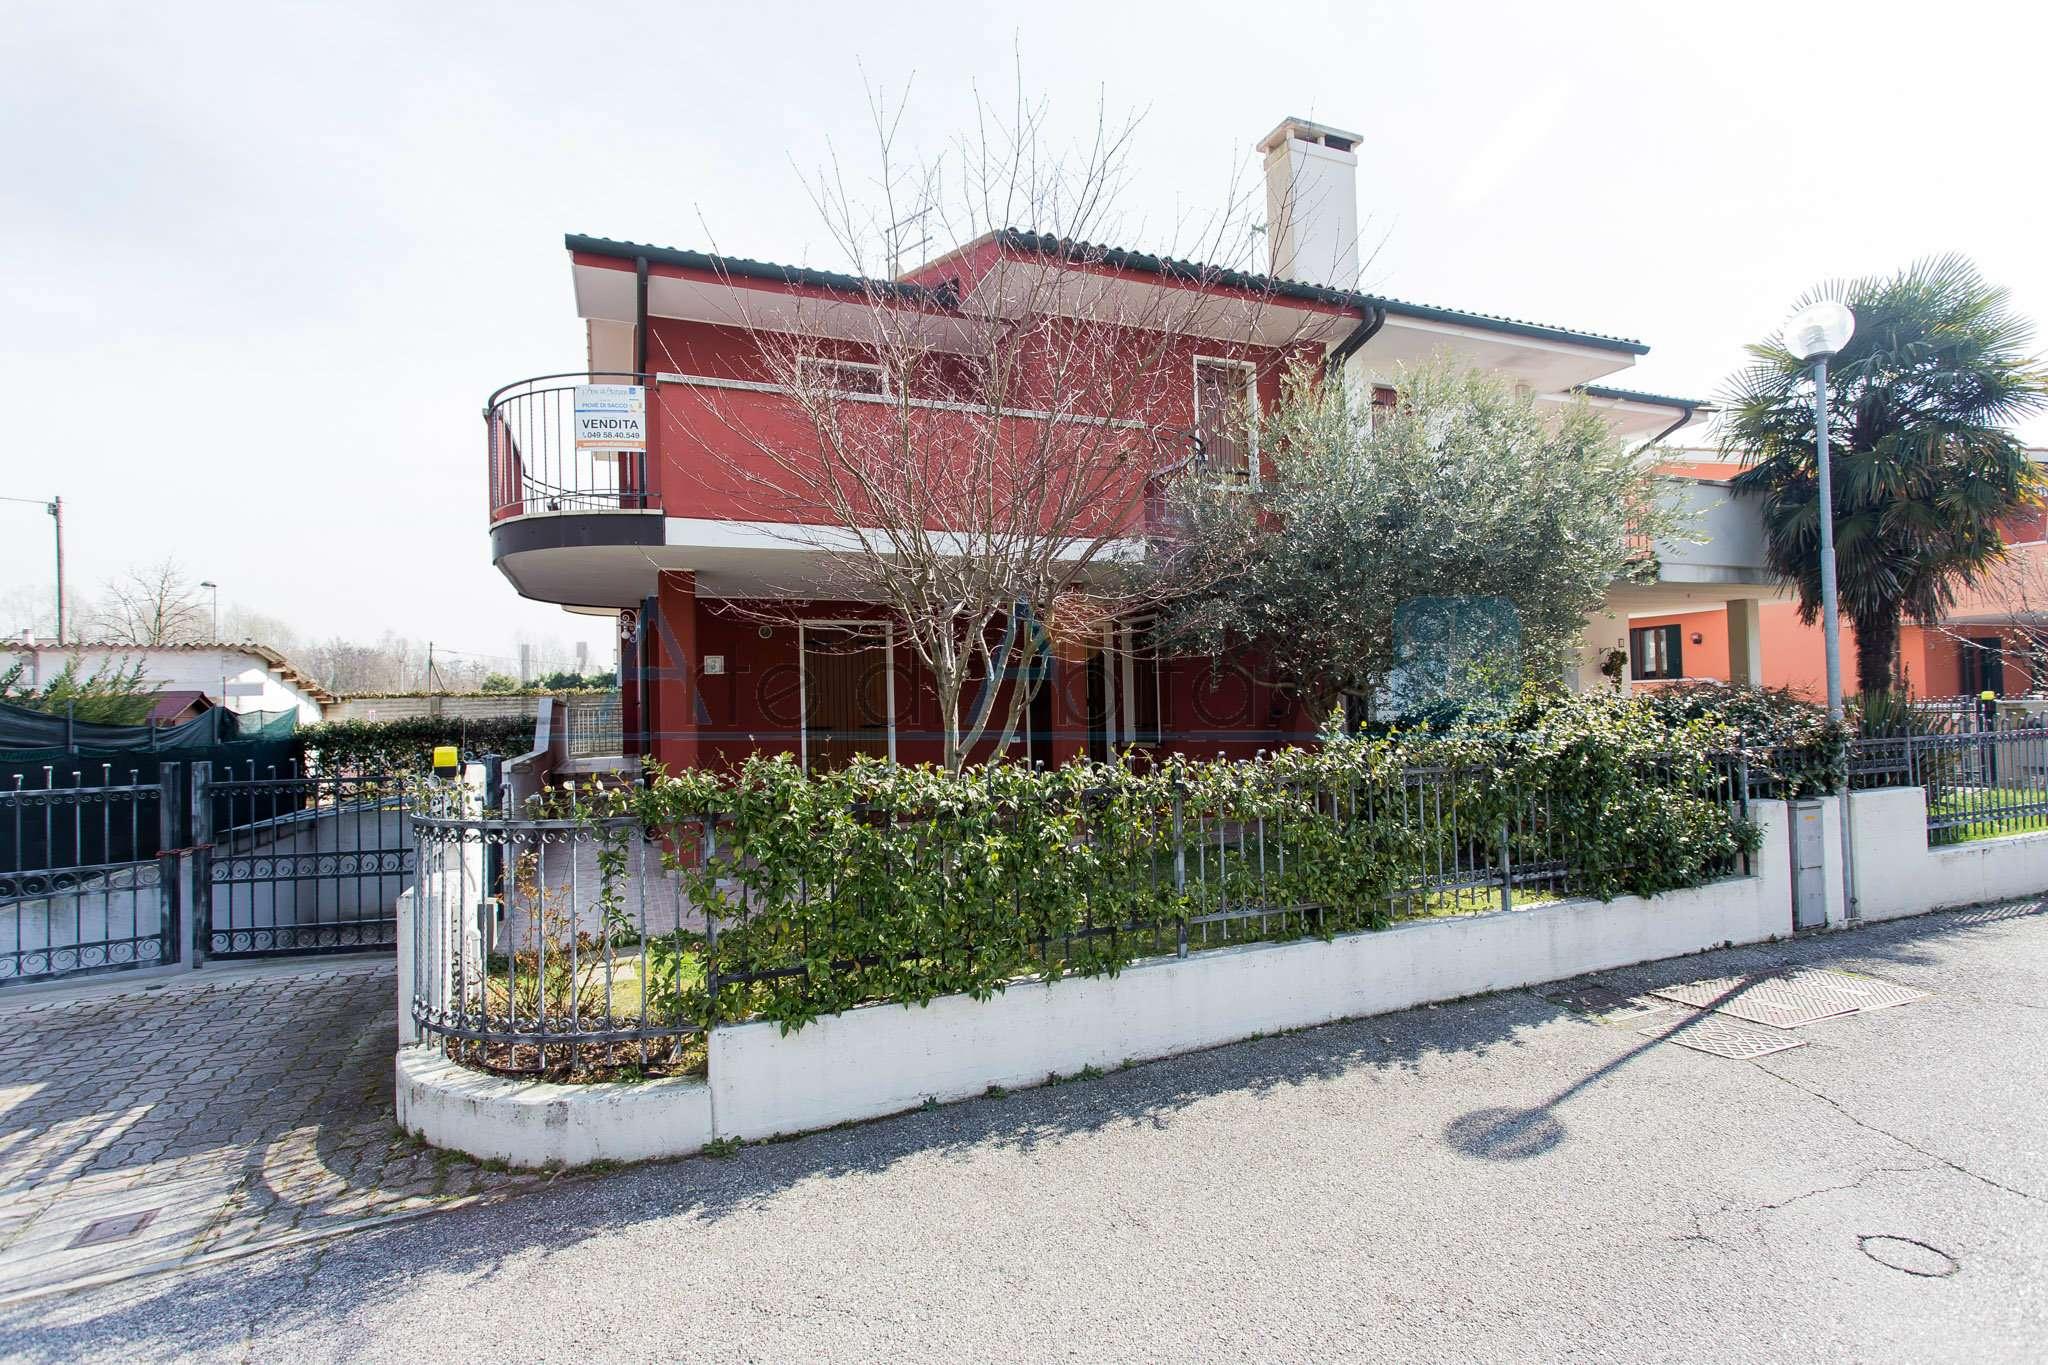 Villa Bifamiliare in Vendita a Piove di Sacco